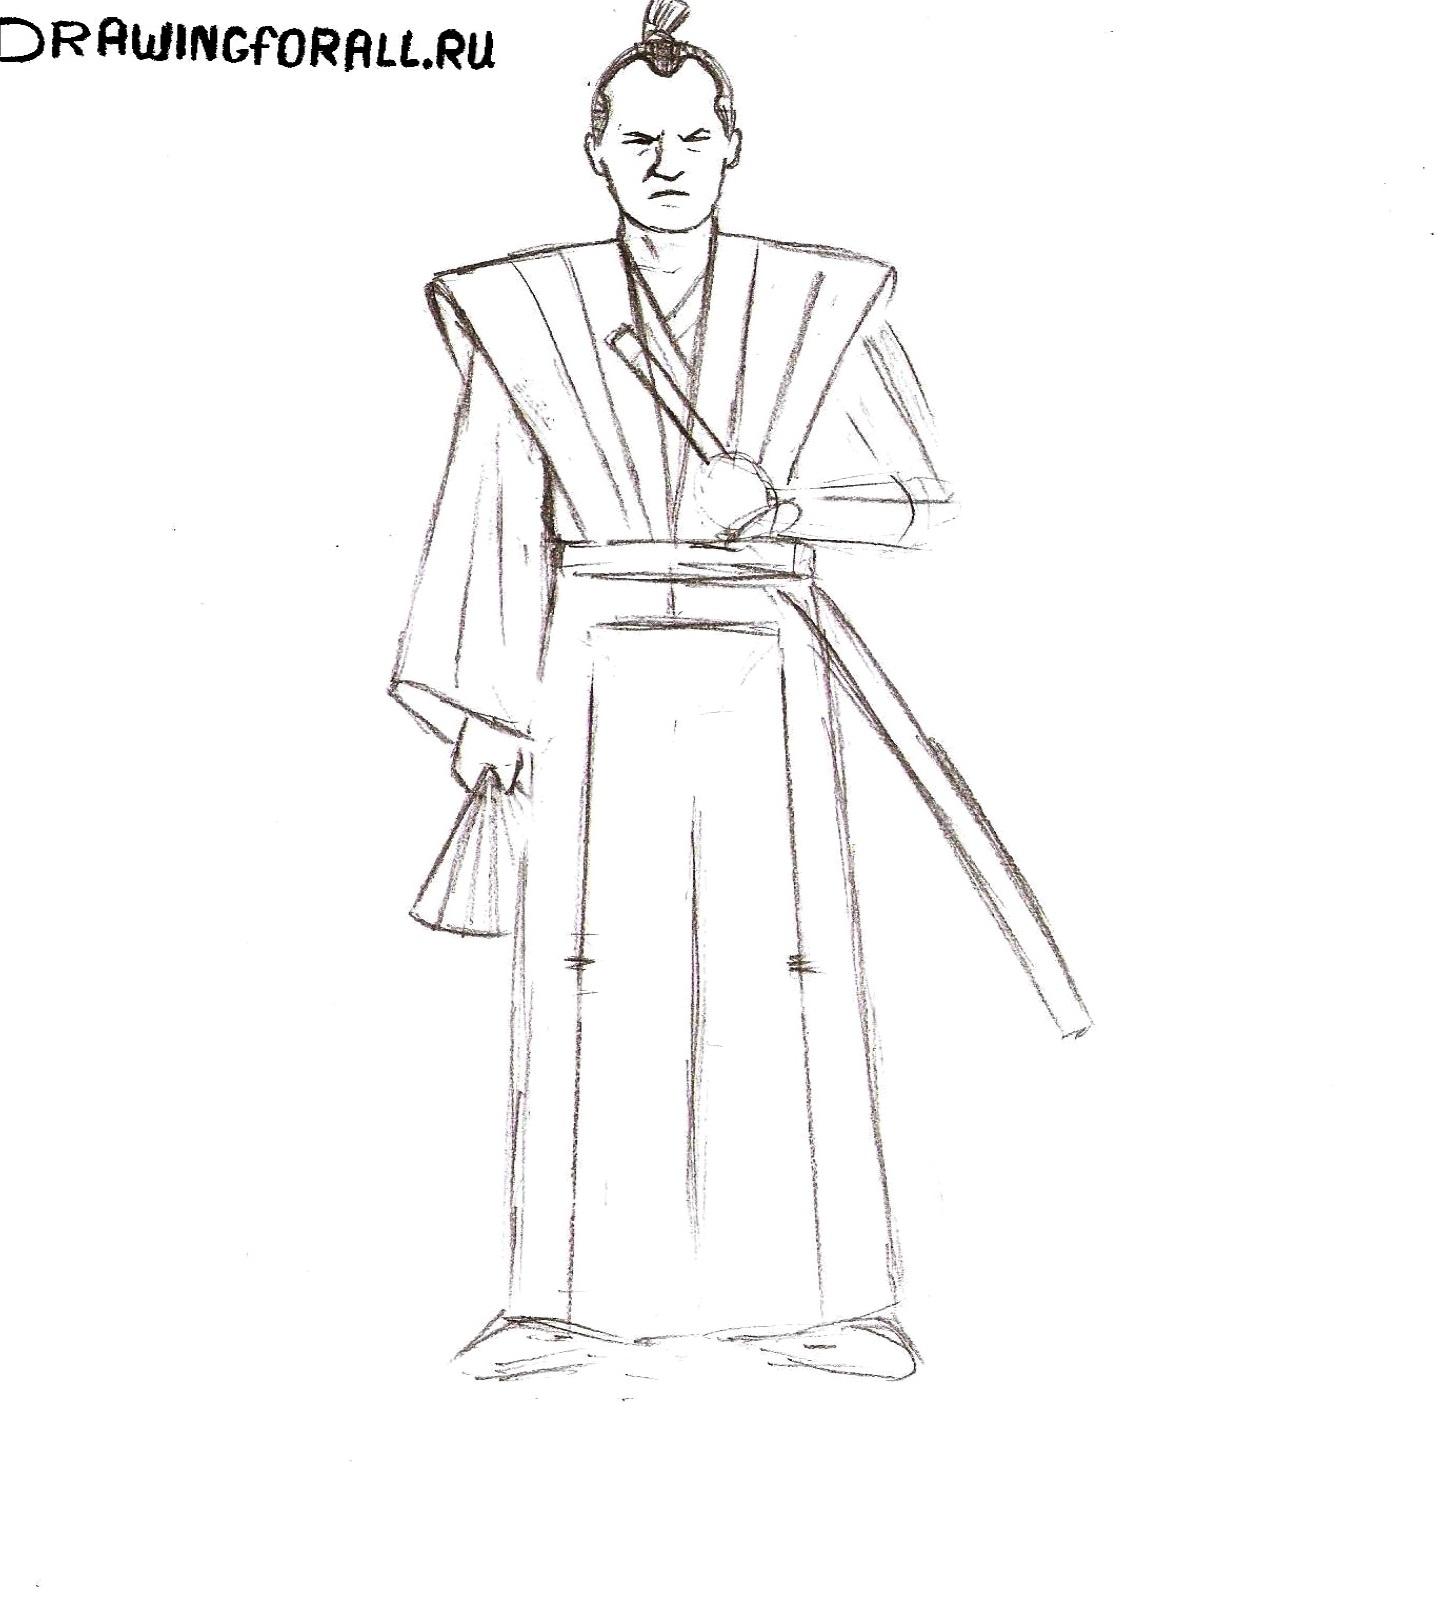 как нарисовать самурая для начинающих